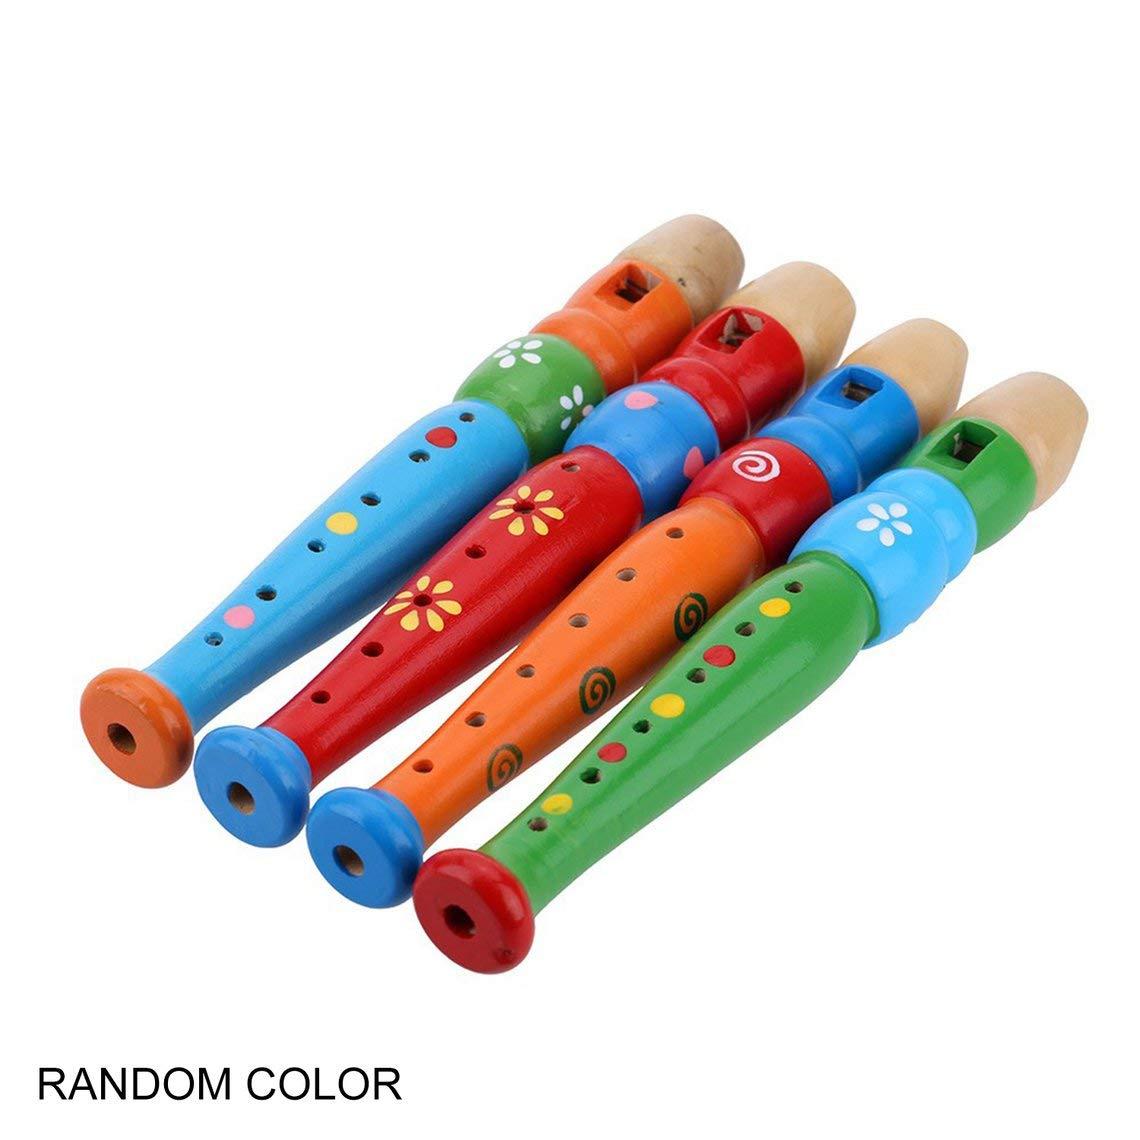 Momorain 6 Agujeros port/átil de Madera Flauta flaut/ín de Sonido Instrumento Musical educaci/ón temprana Juguete Regalo para beb/é ni/ño ni/ños